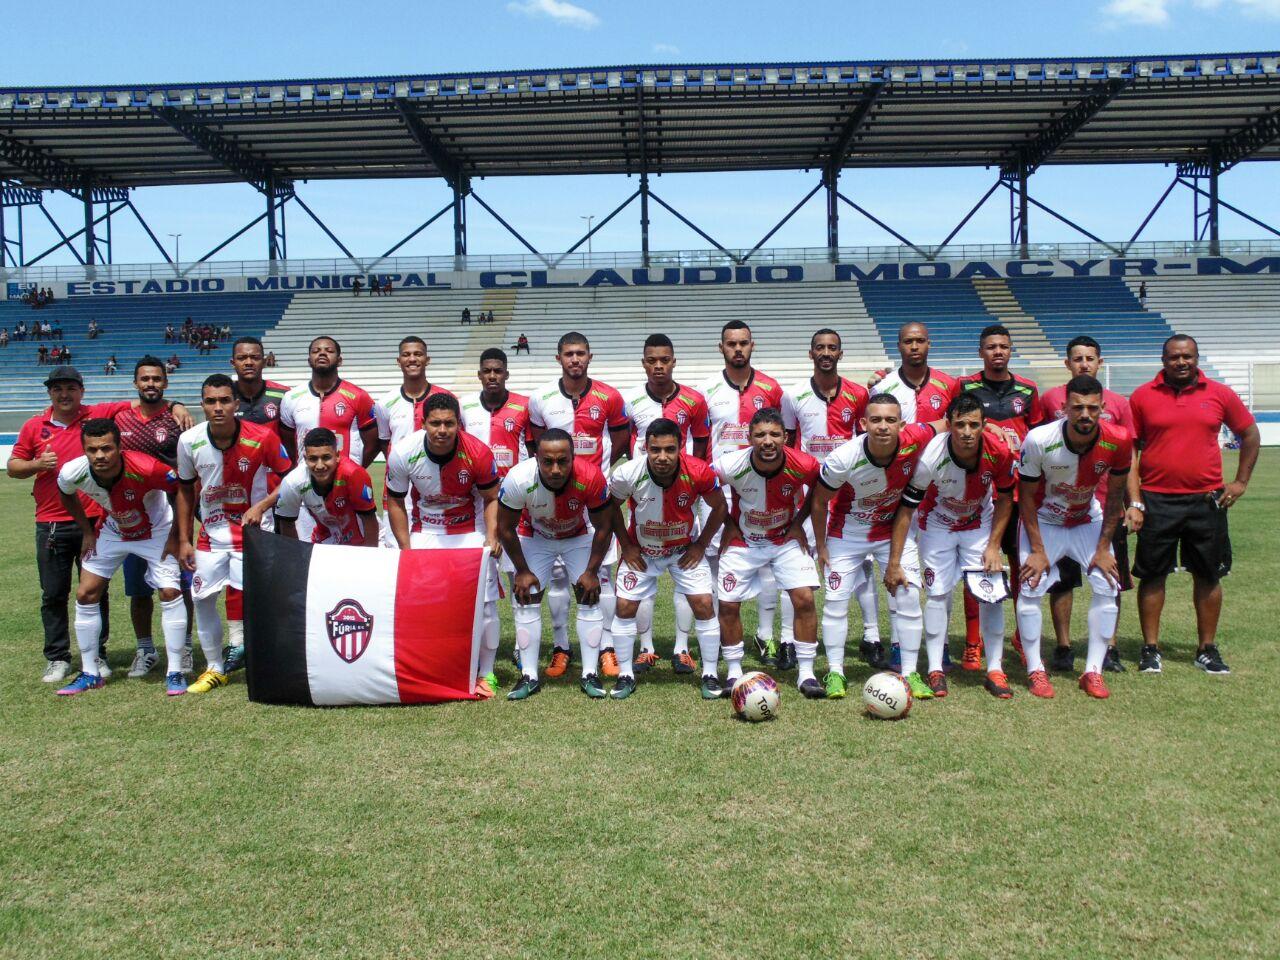 Estádio Moacyrzão recebe a final da Copa Macaé de Futebol Amador neste domingo